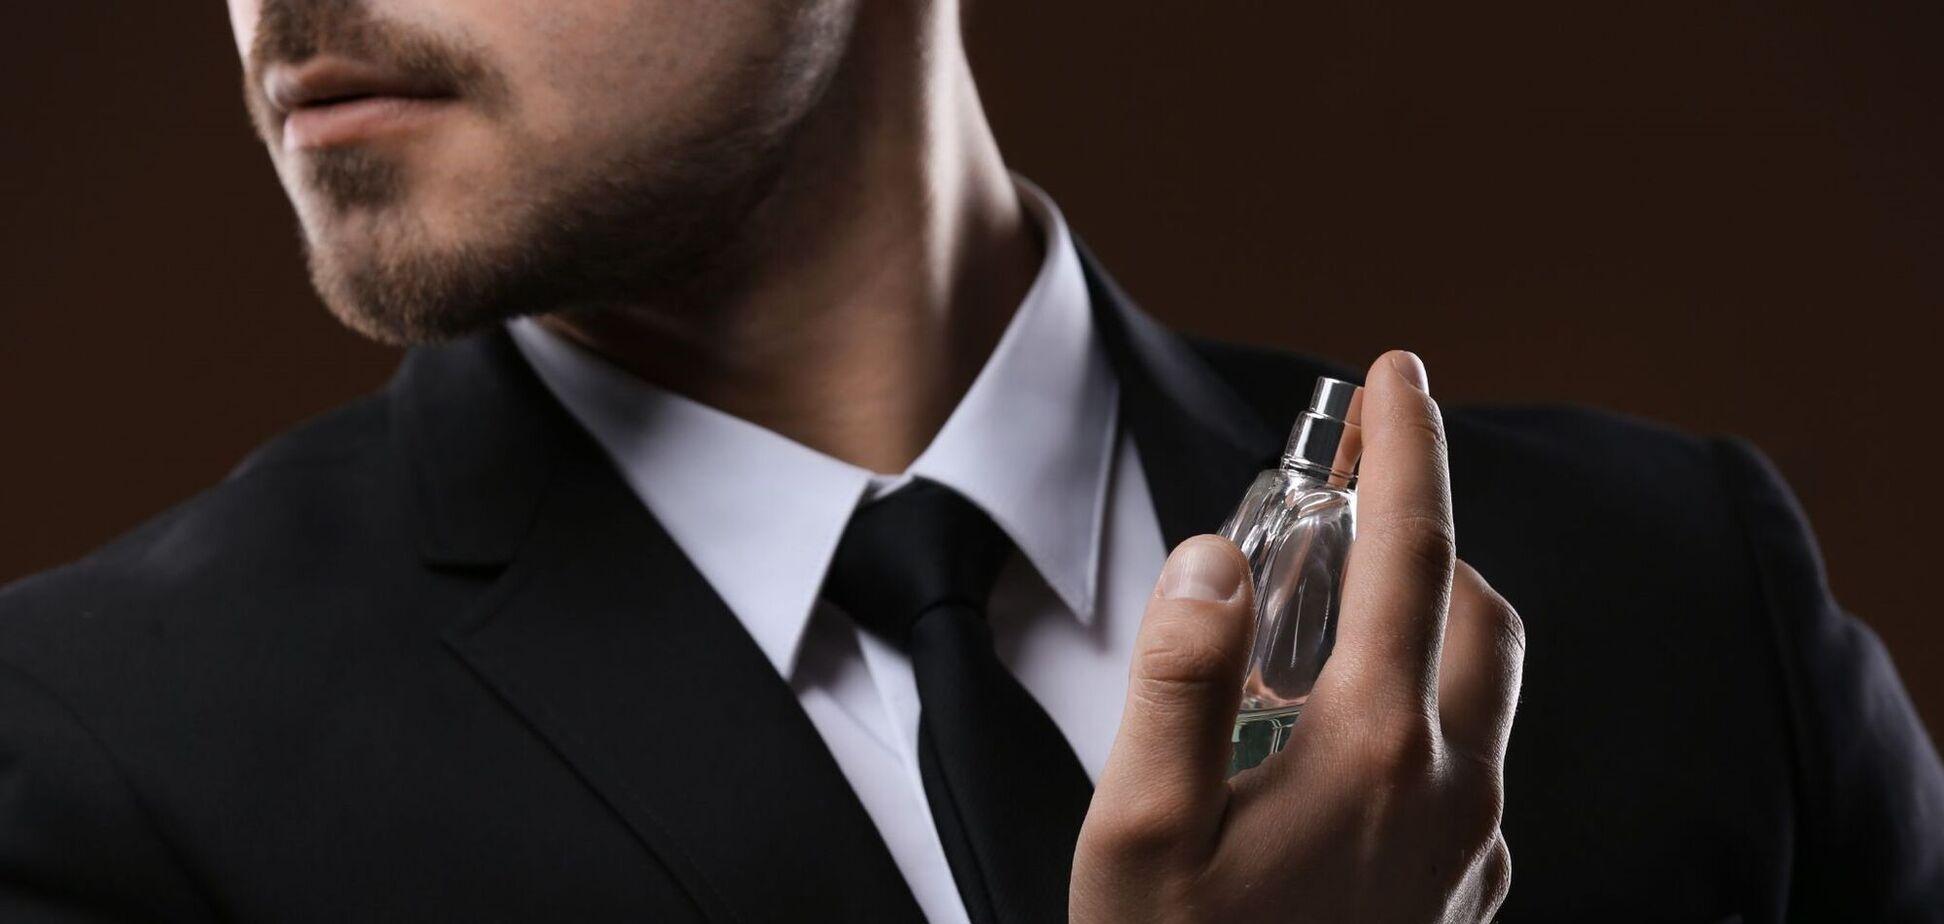 EVA представила подборку универсальных мужских ароматов на весь год